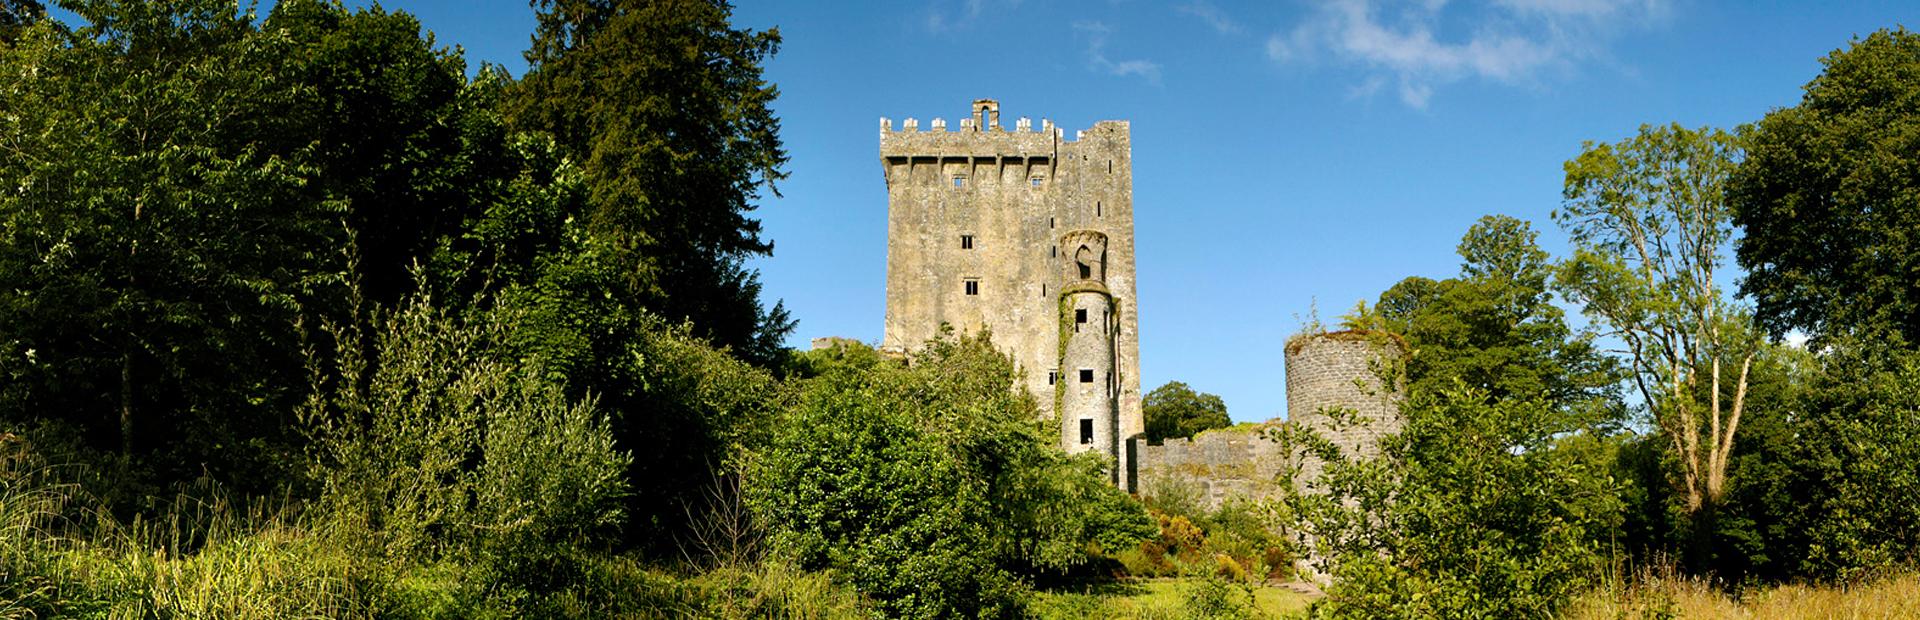 Ireland_Tour_1920x620